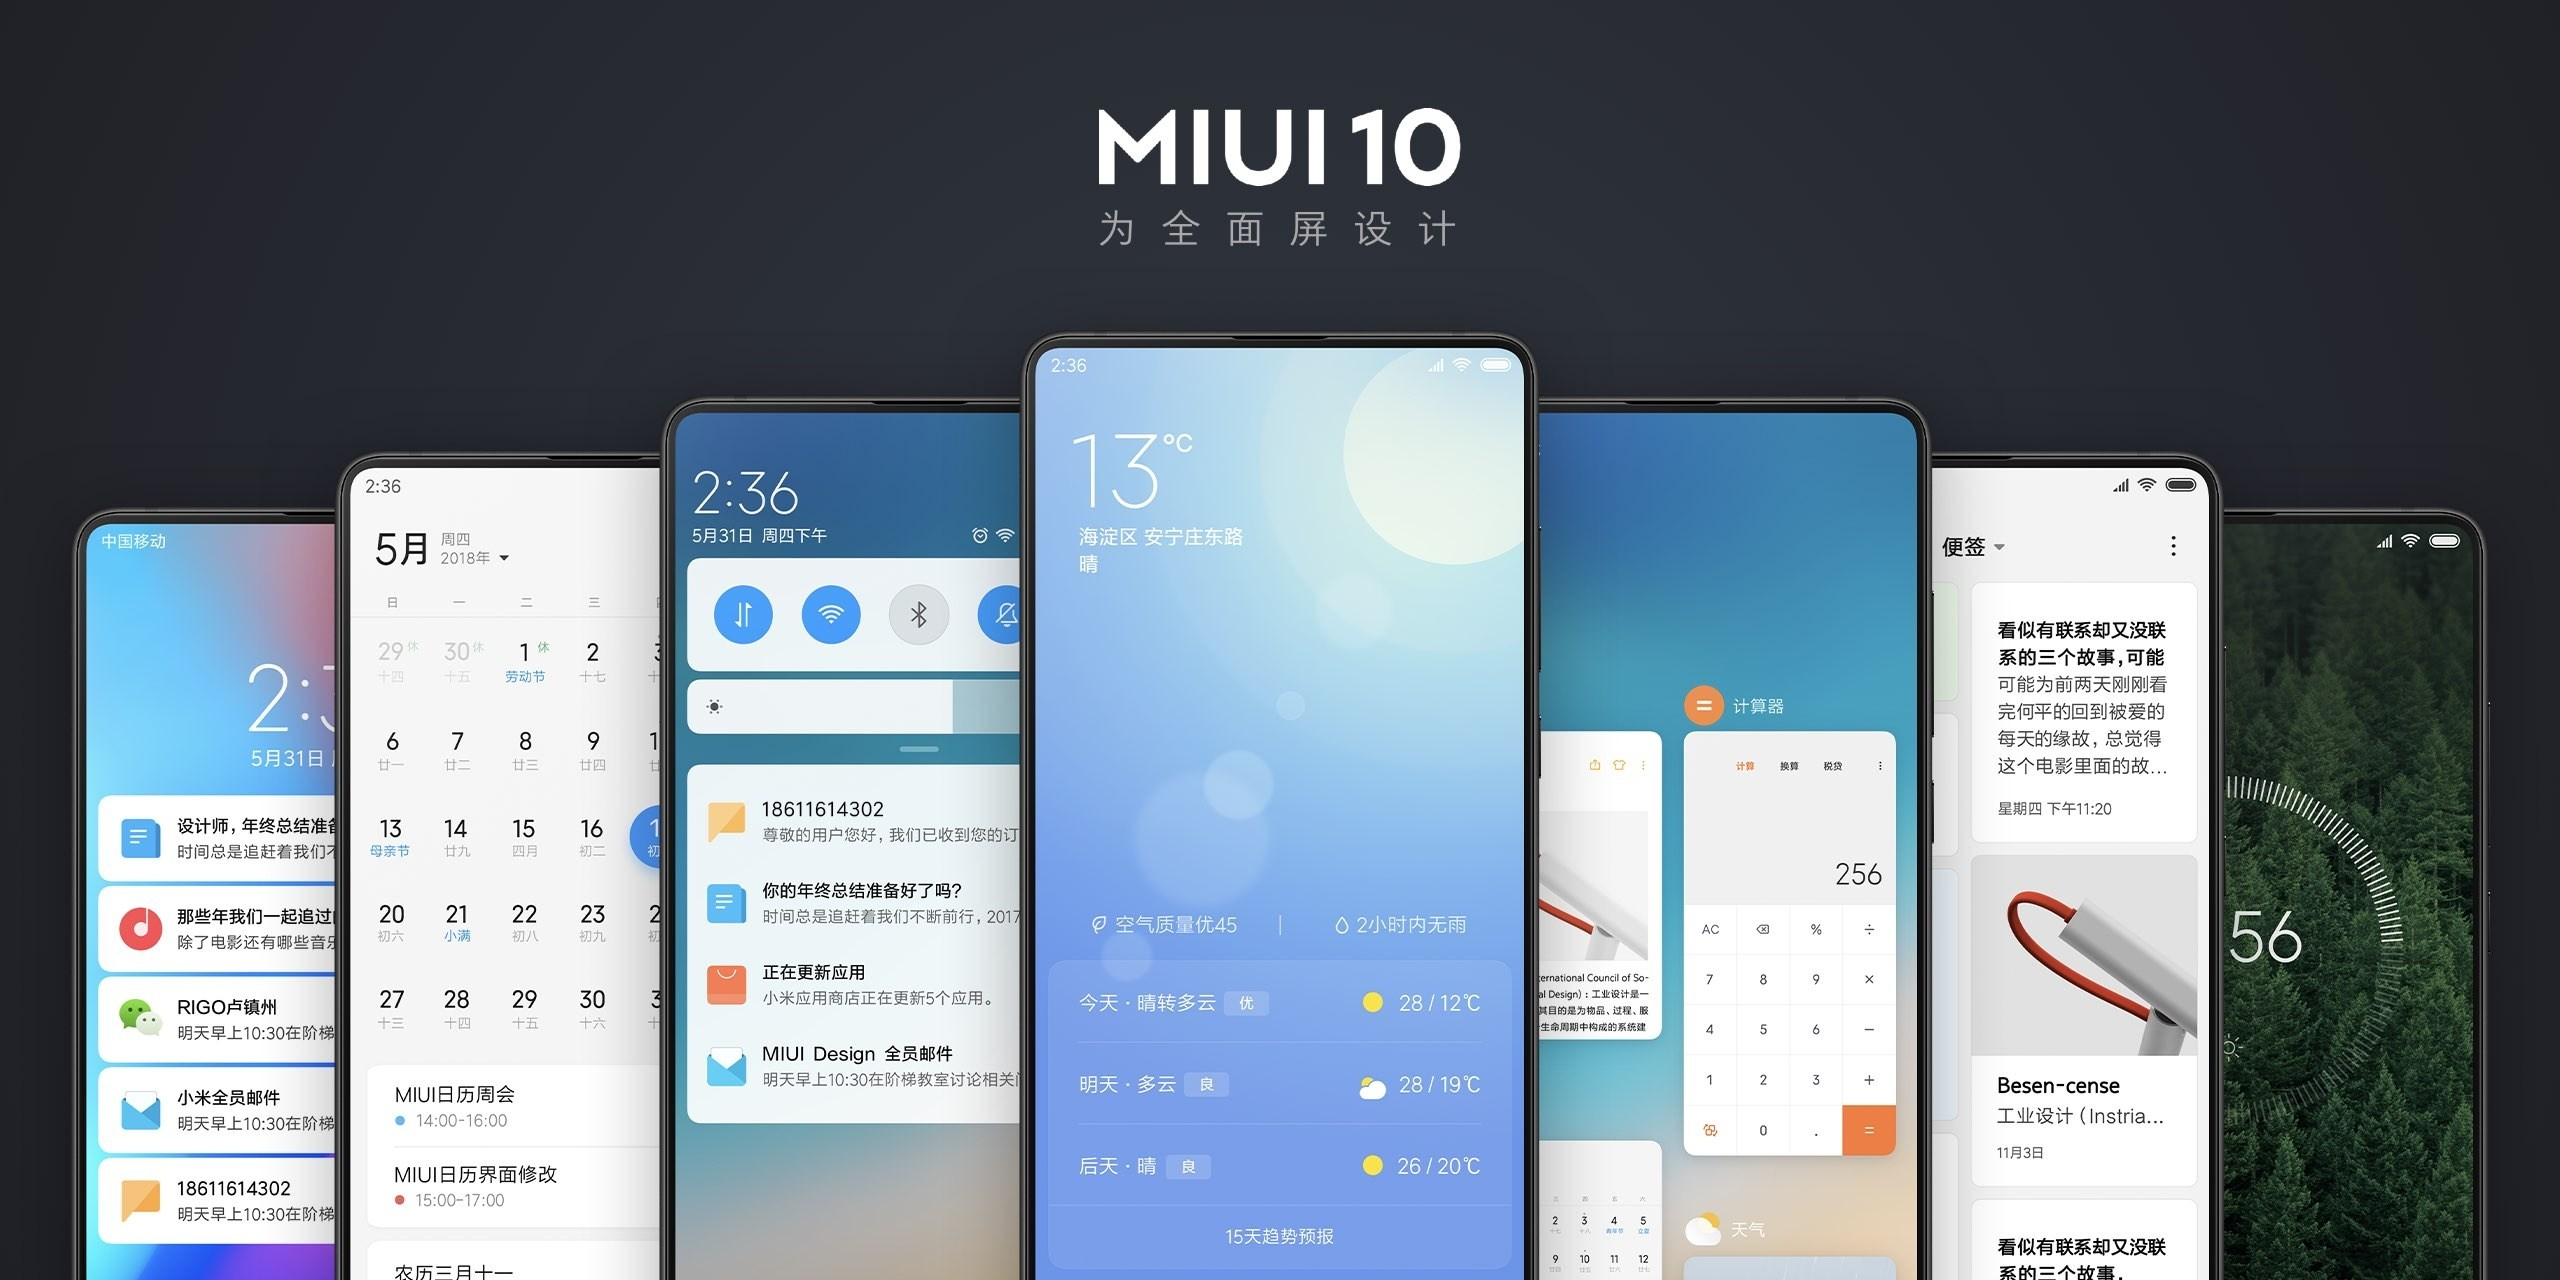 MIUI 10 : liste des smartphones mis à jour et date de déploiement